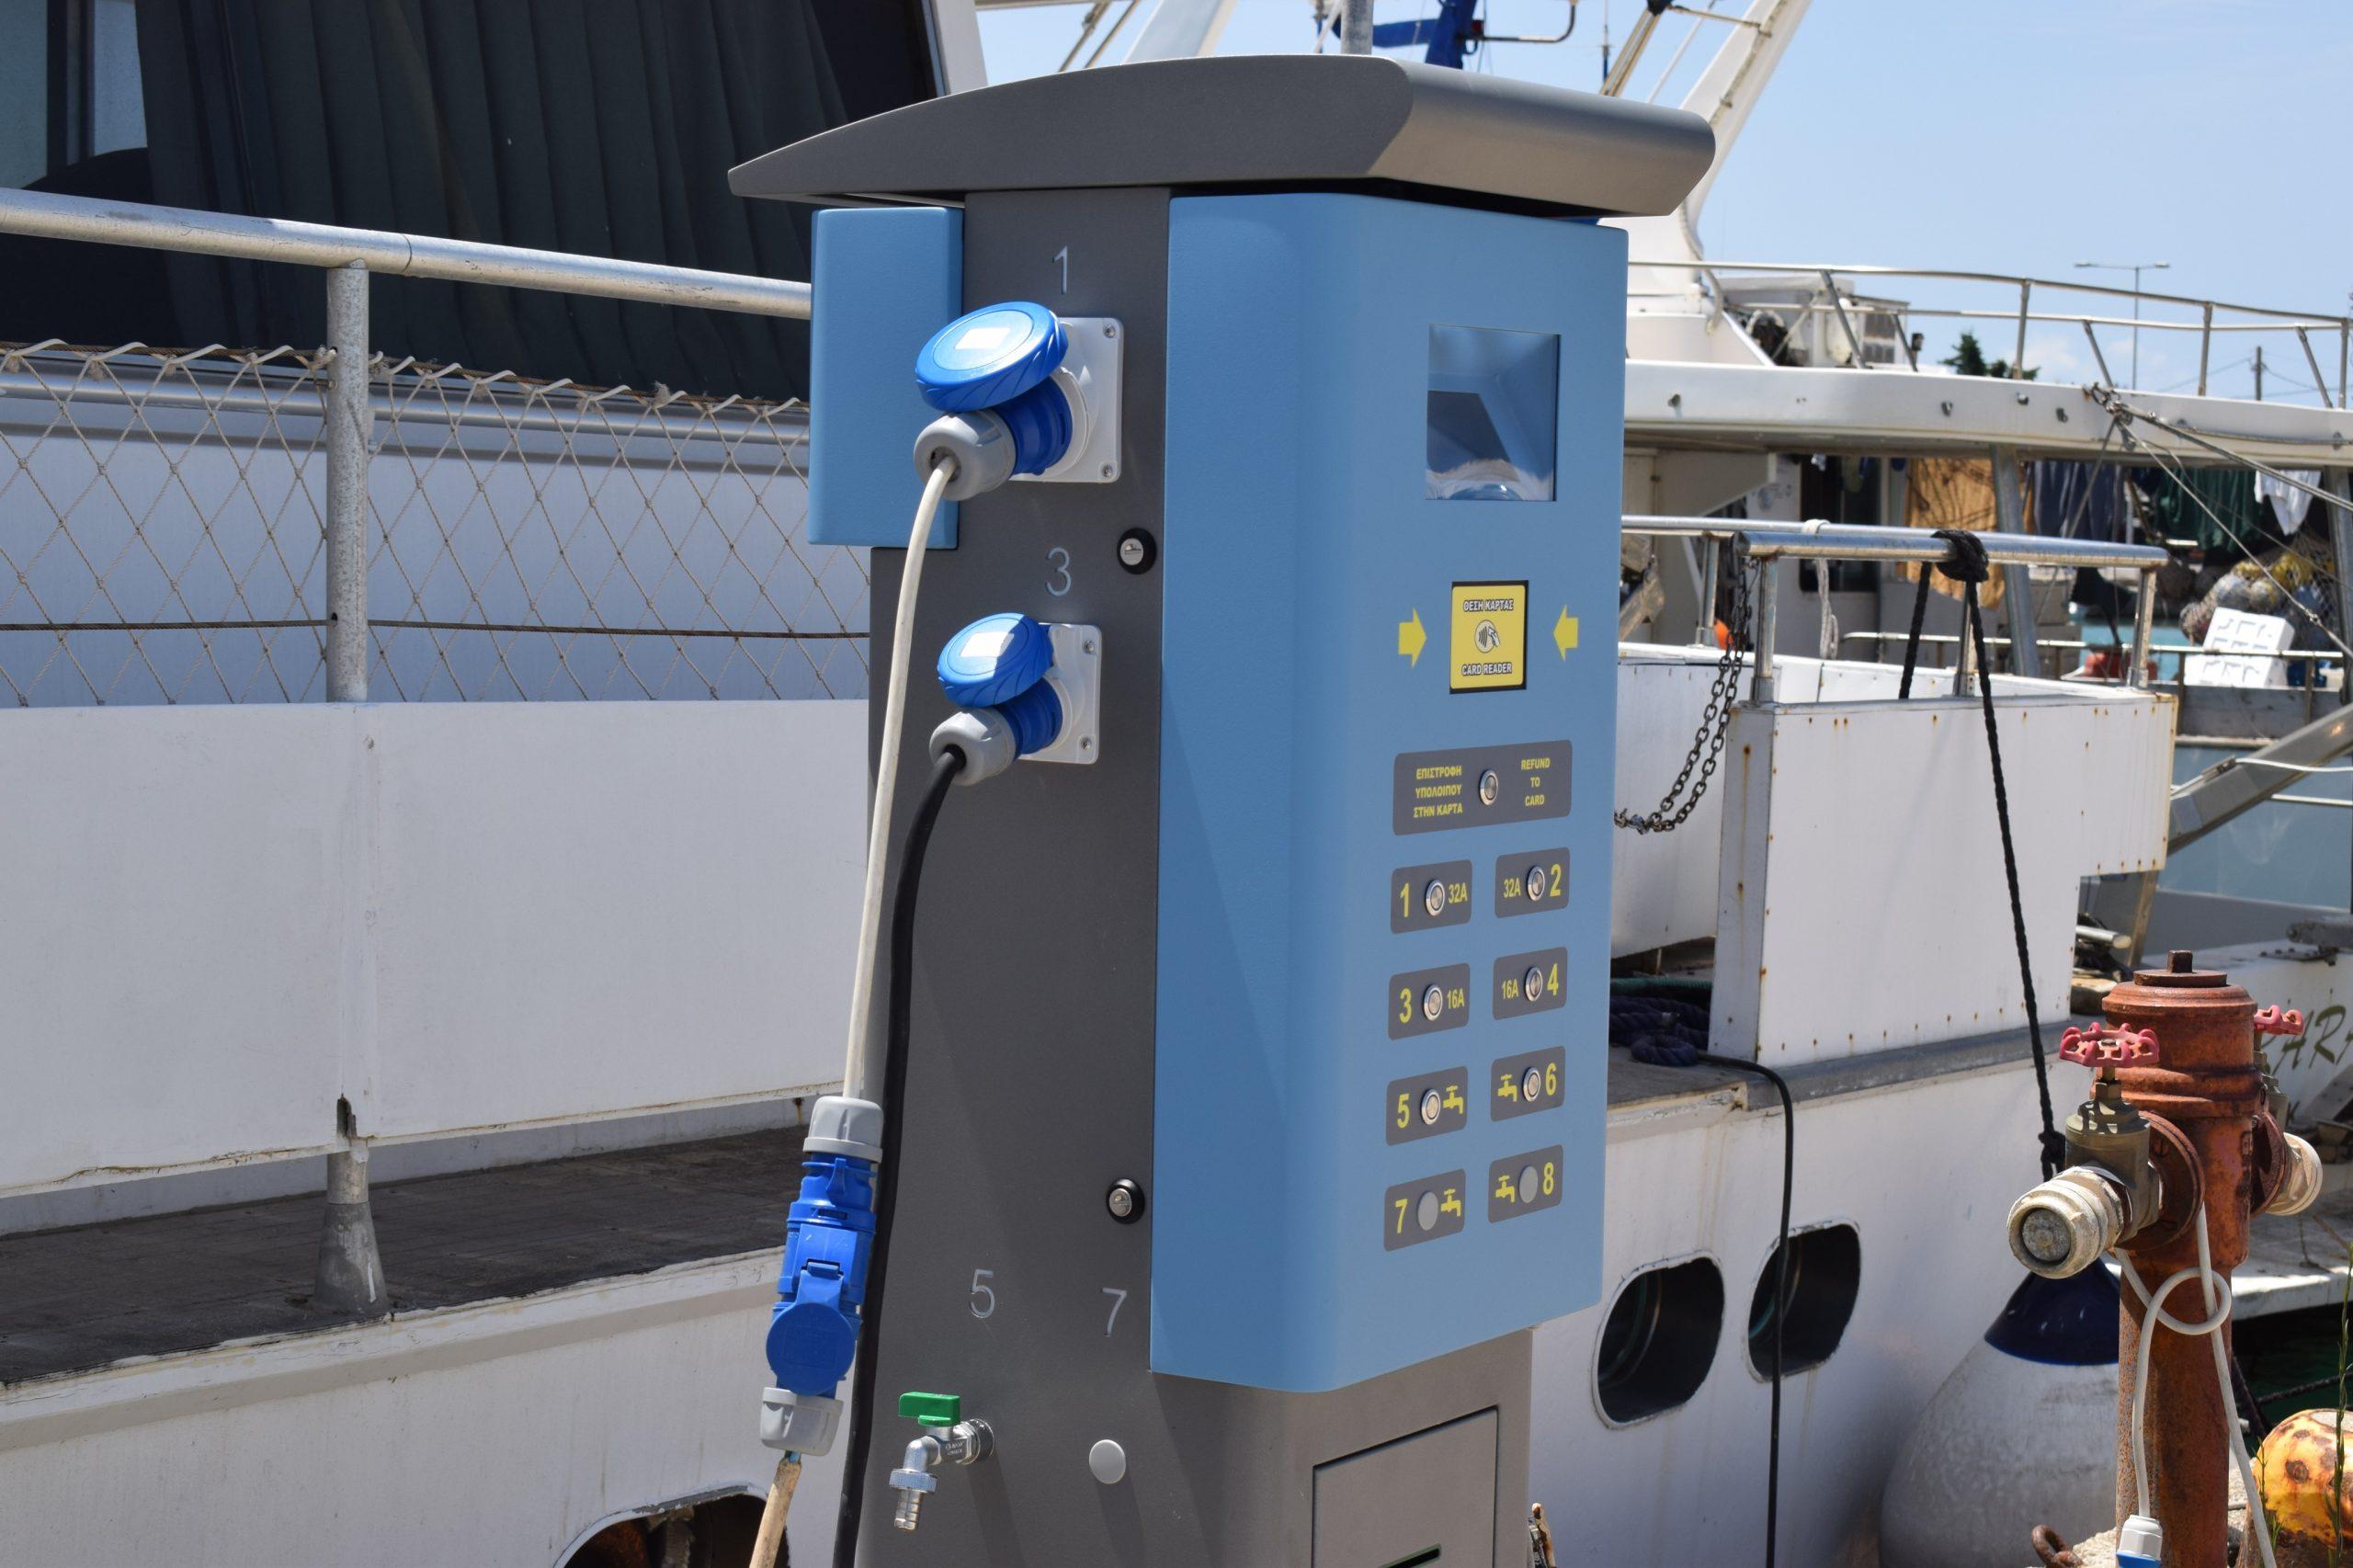 Στο λιμάνι της Κυλλήνης: «Smart Port» με εγκατάσταση Μονάδων Παροχής Ρεύματος και Νερού (Pillar)